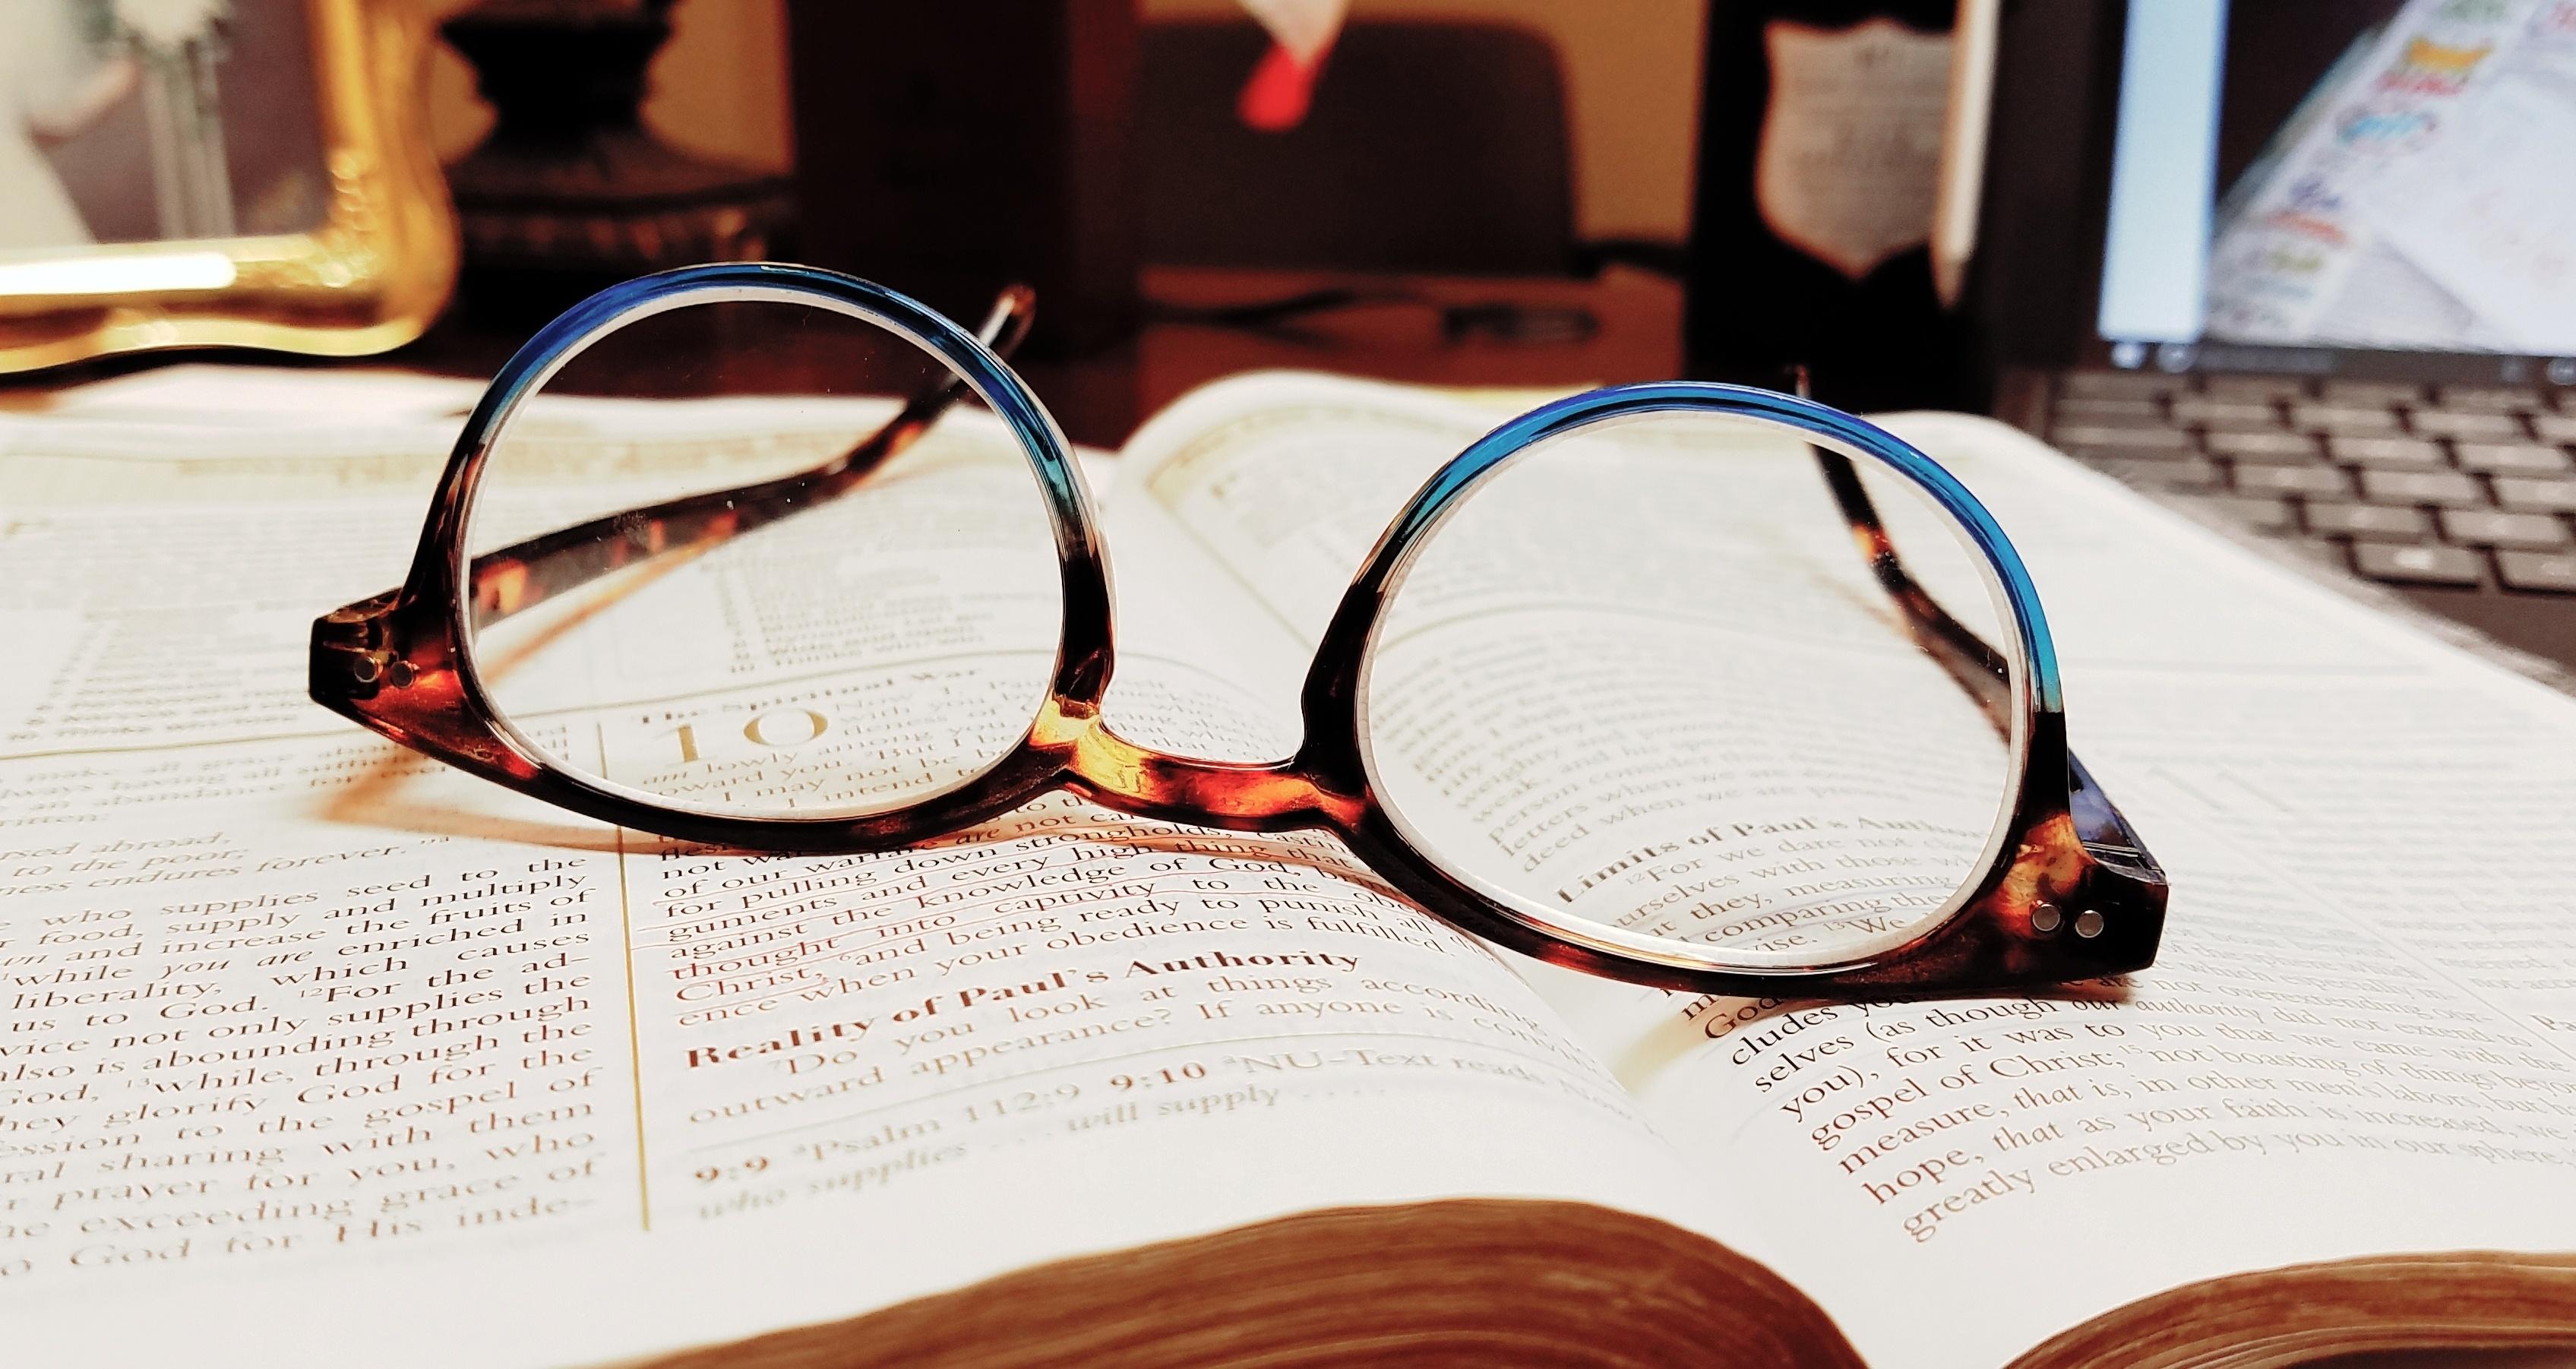 bibleglassesKyle-101792-edited.jpg